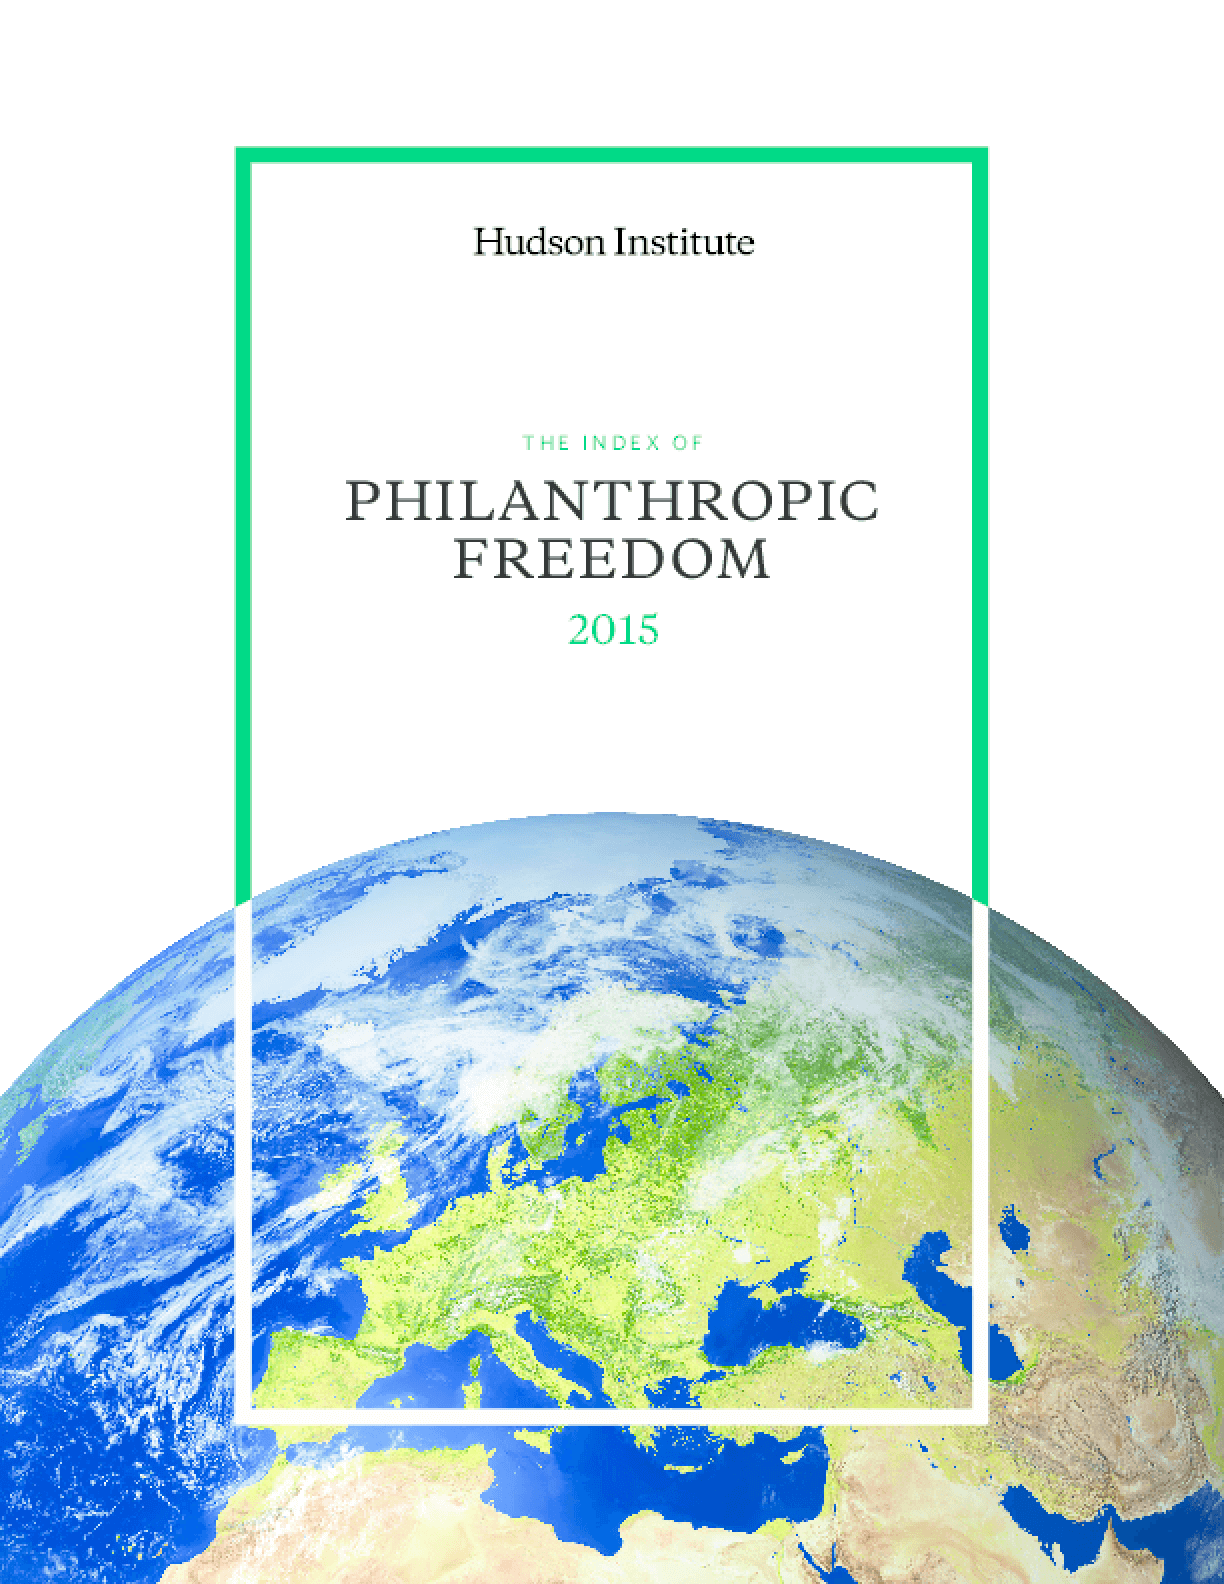 Index of Philanthropic Freedom 2015